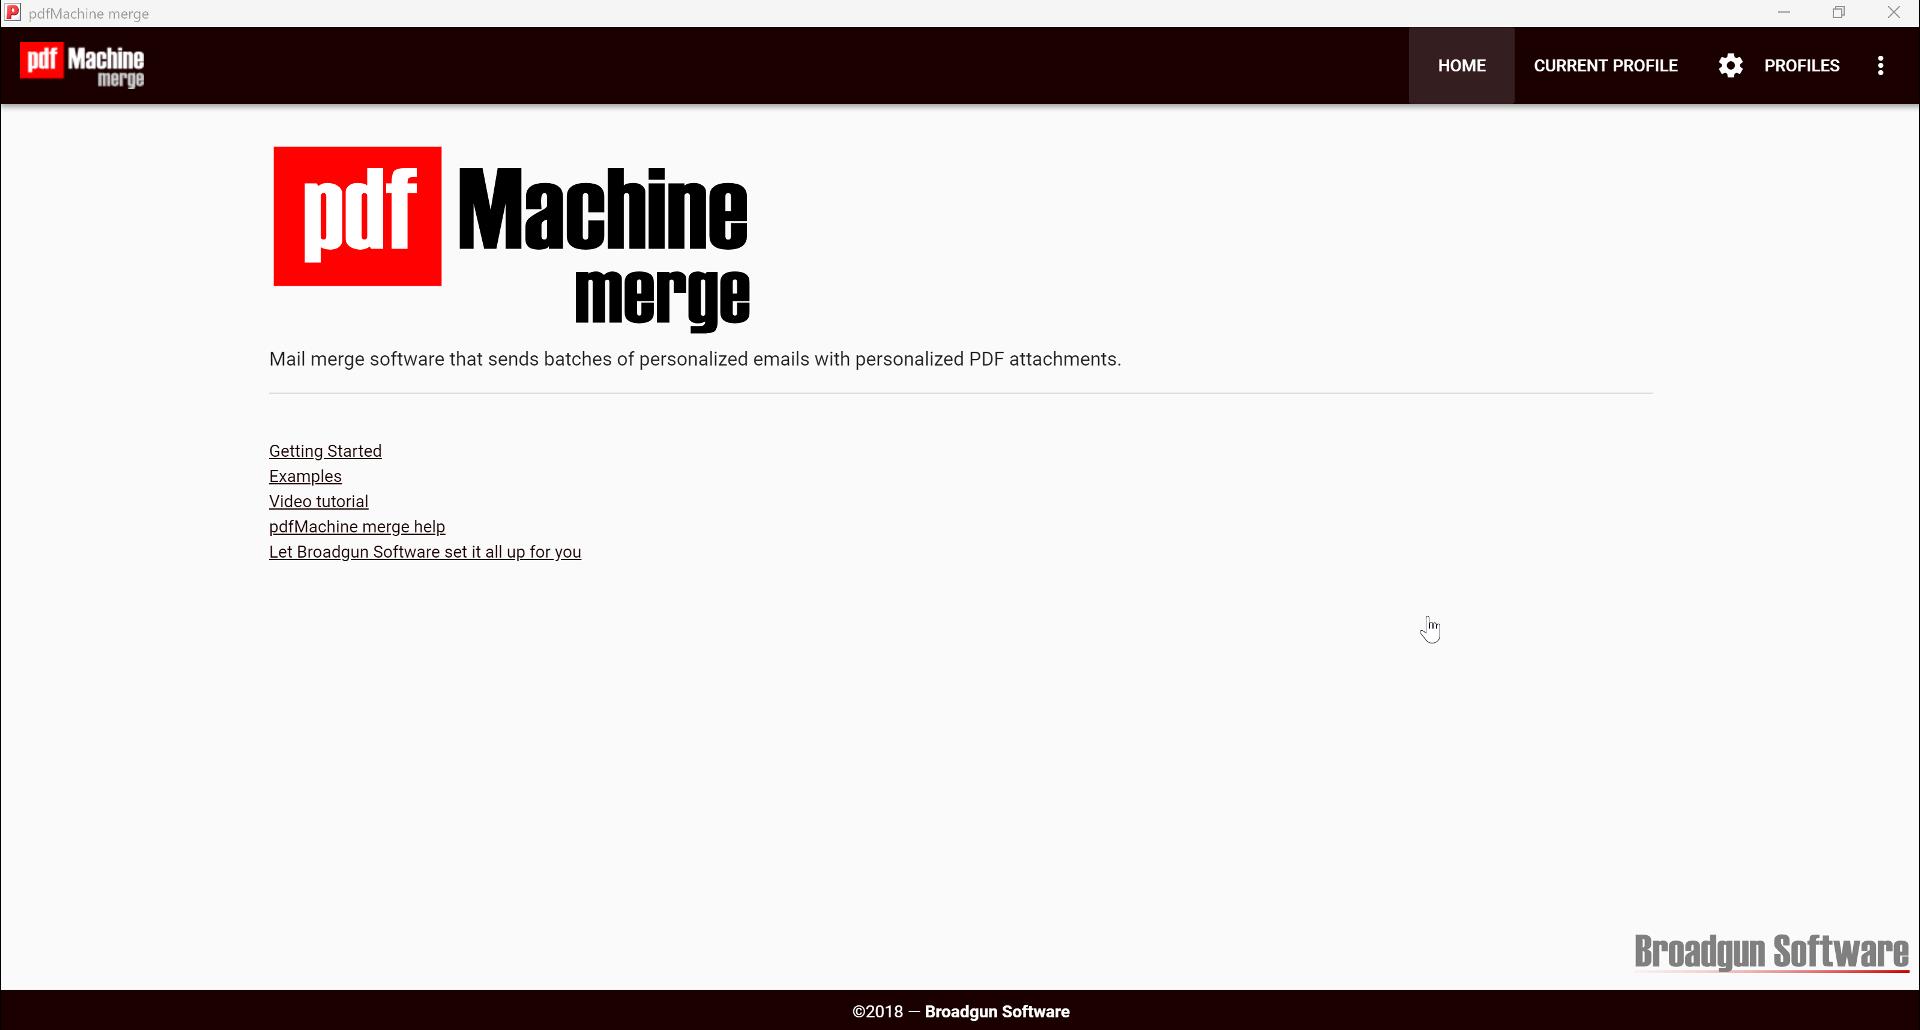 pdfMachine merge